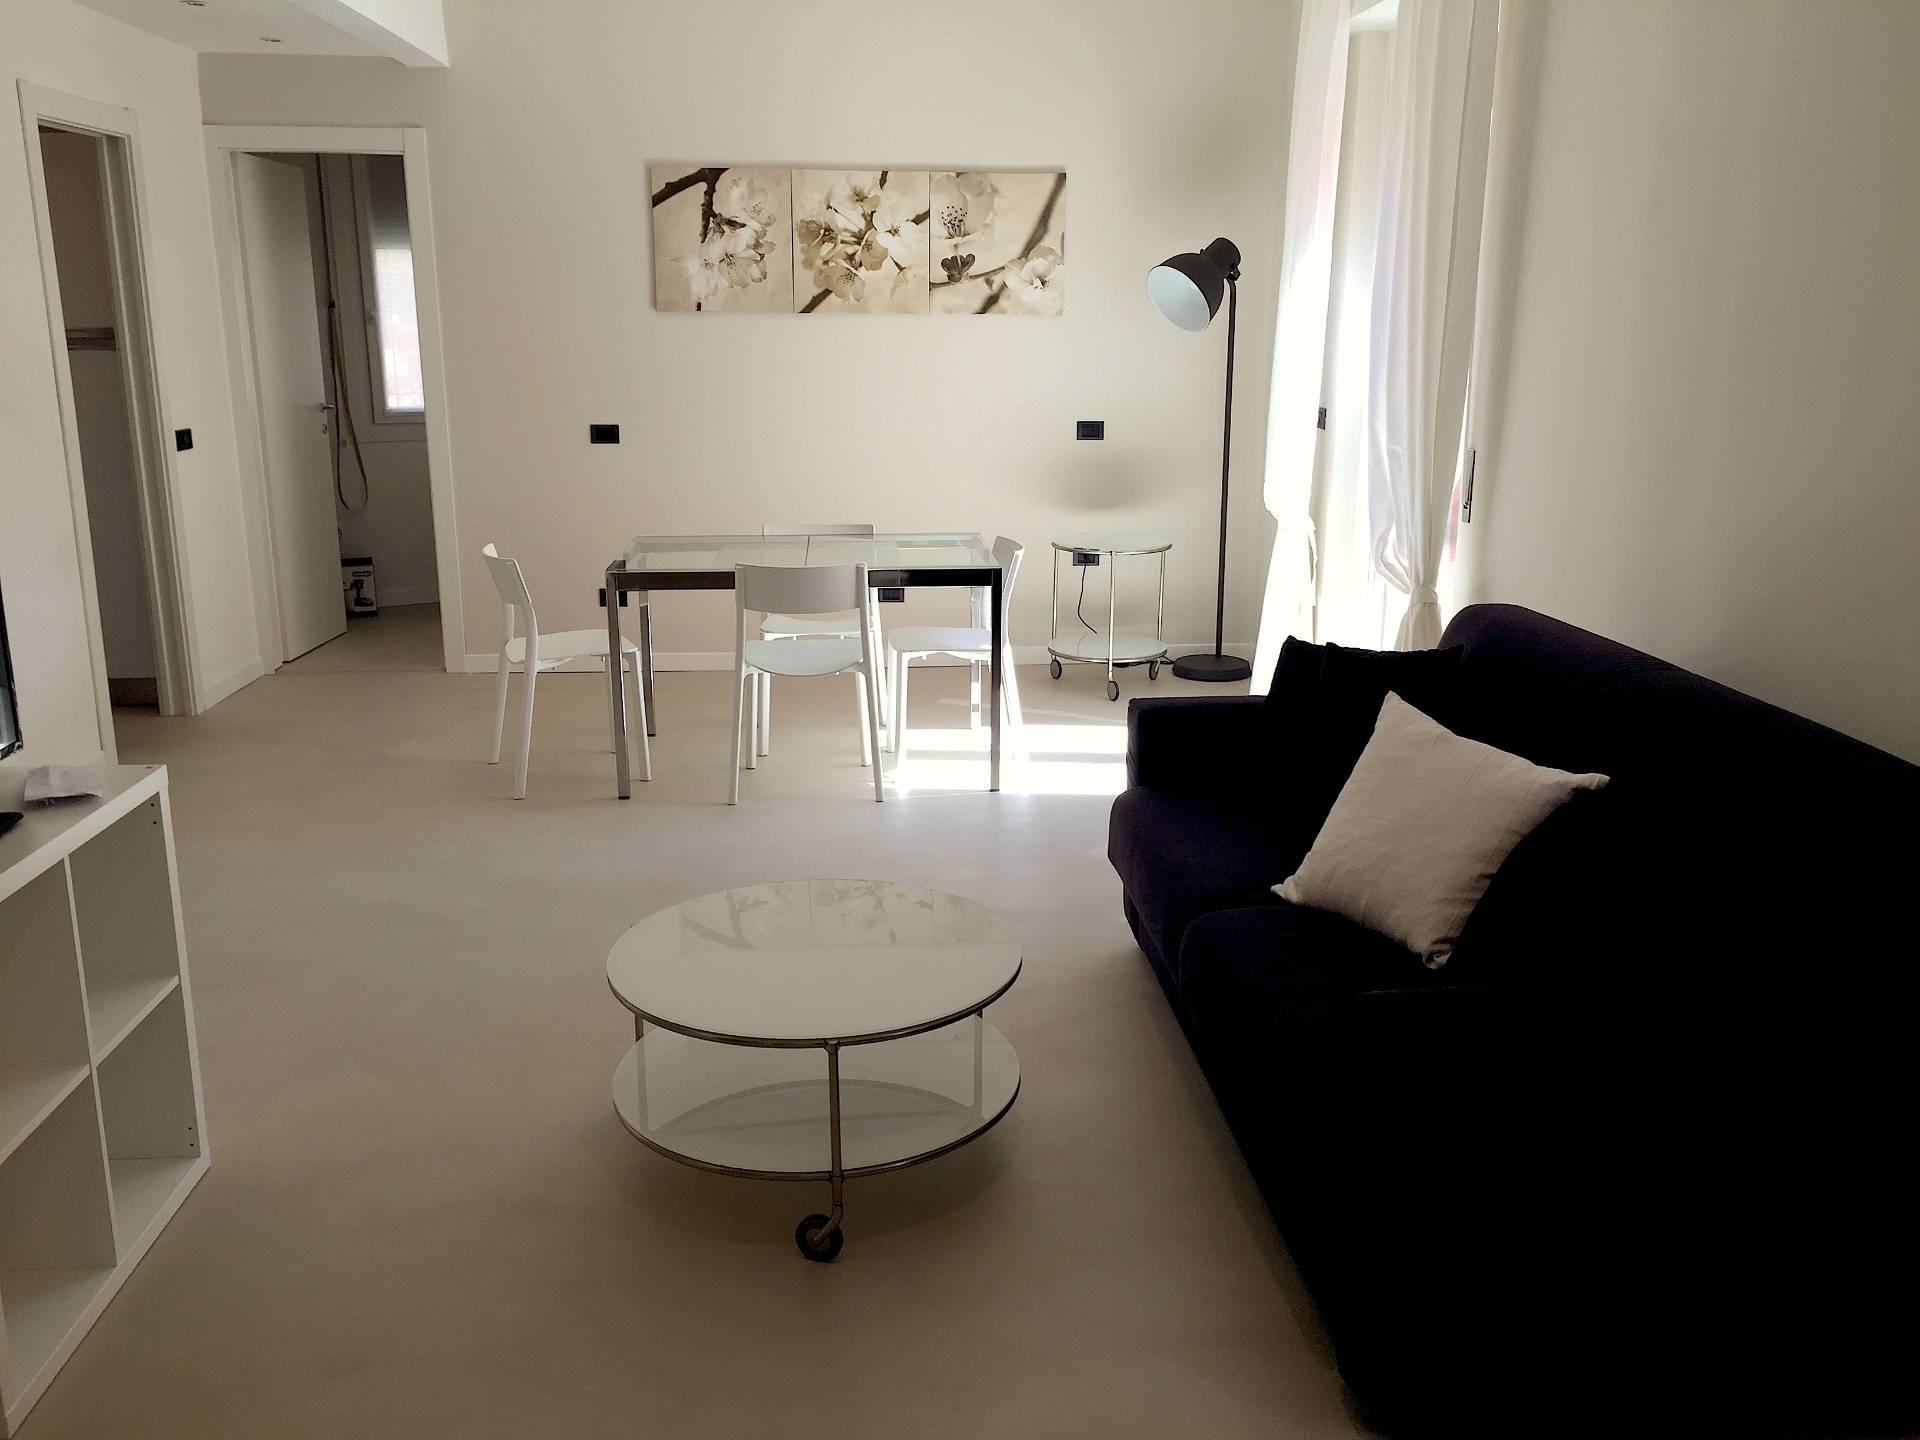 Appartamento in affitto a Santa Margherita Ligure, 4 locali, Trattative riservate   Cambio Casa.it